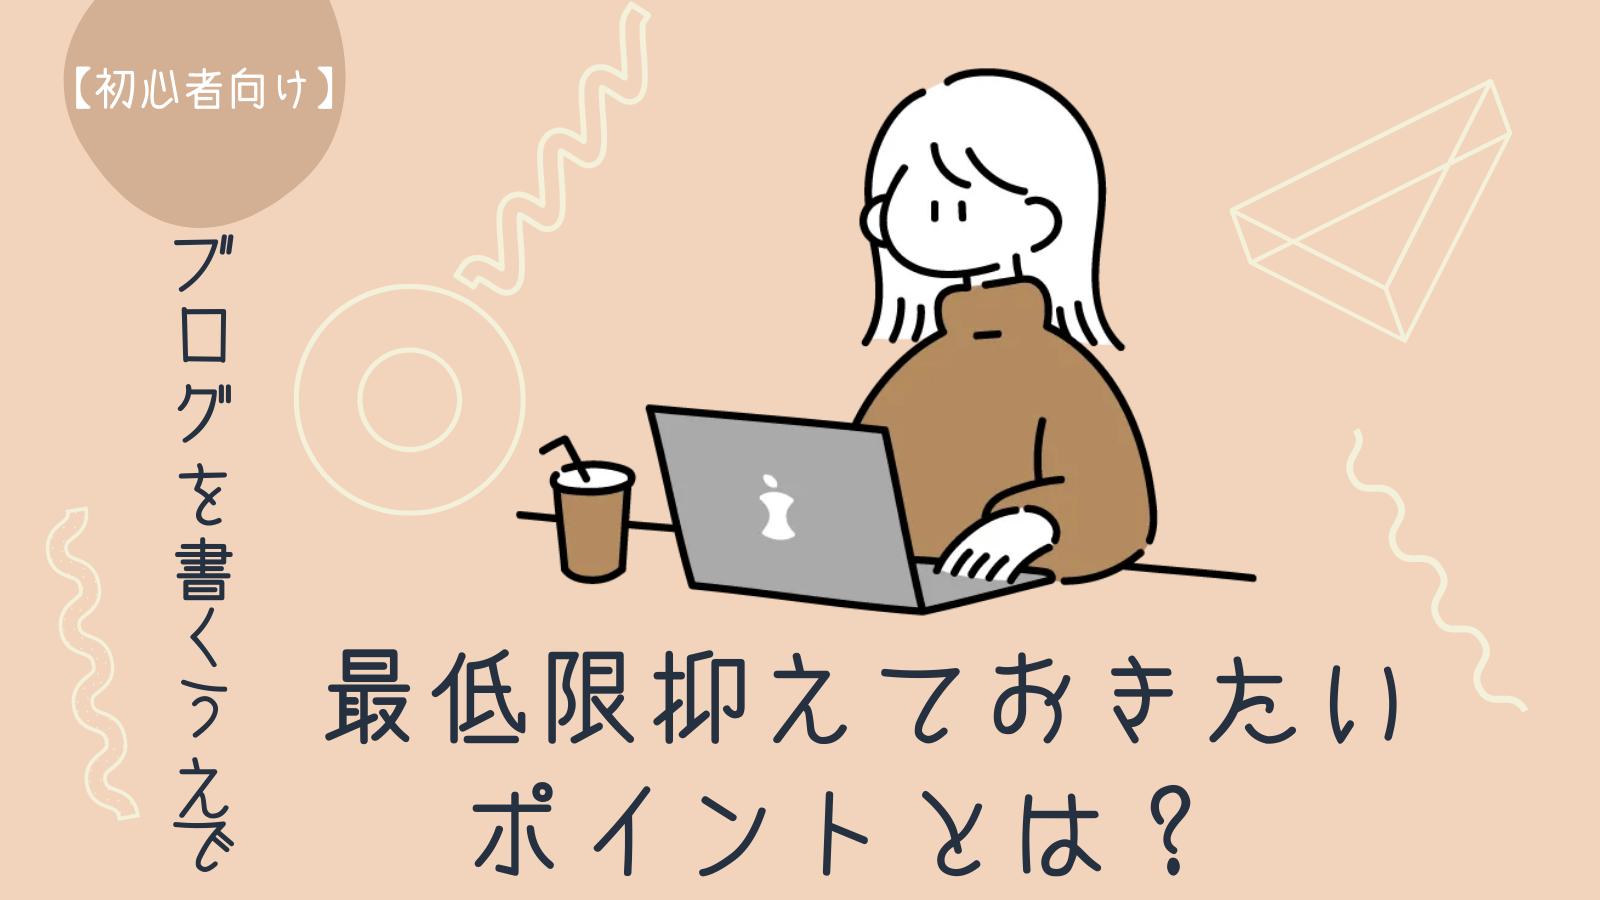 【初心者向け】ブログを書くうえで最低限抑えておきたいポイントとは?